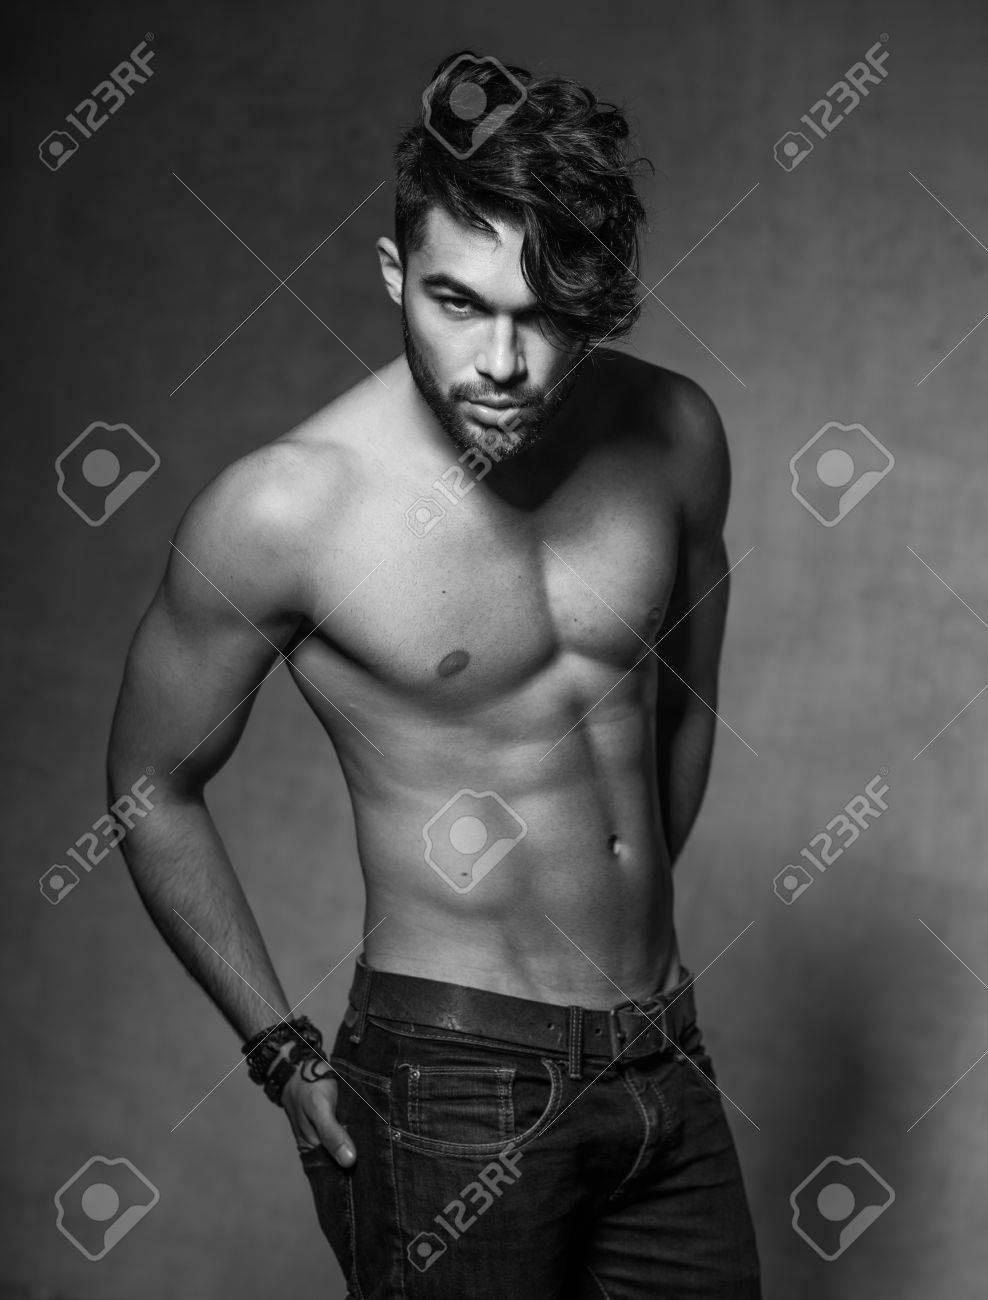 Naked fashion men models